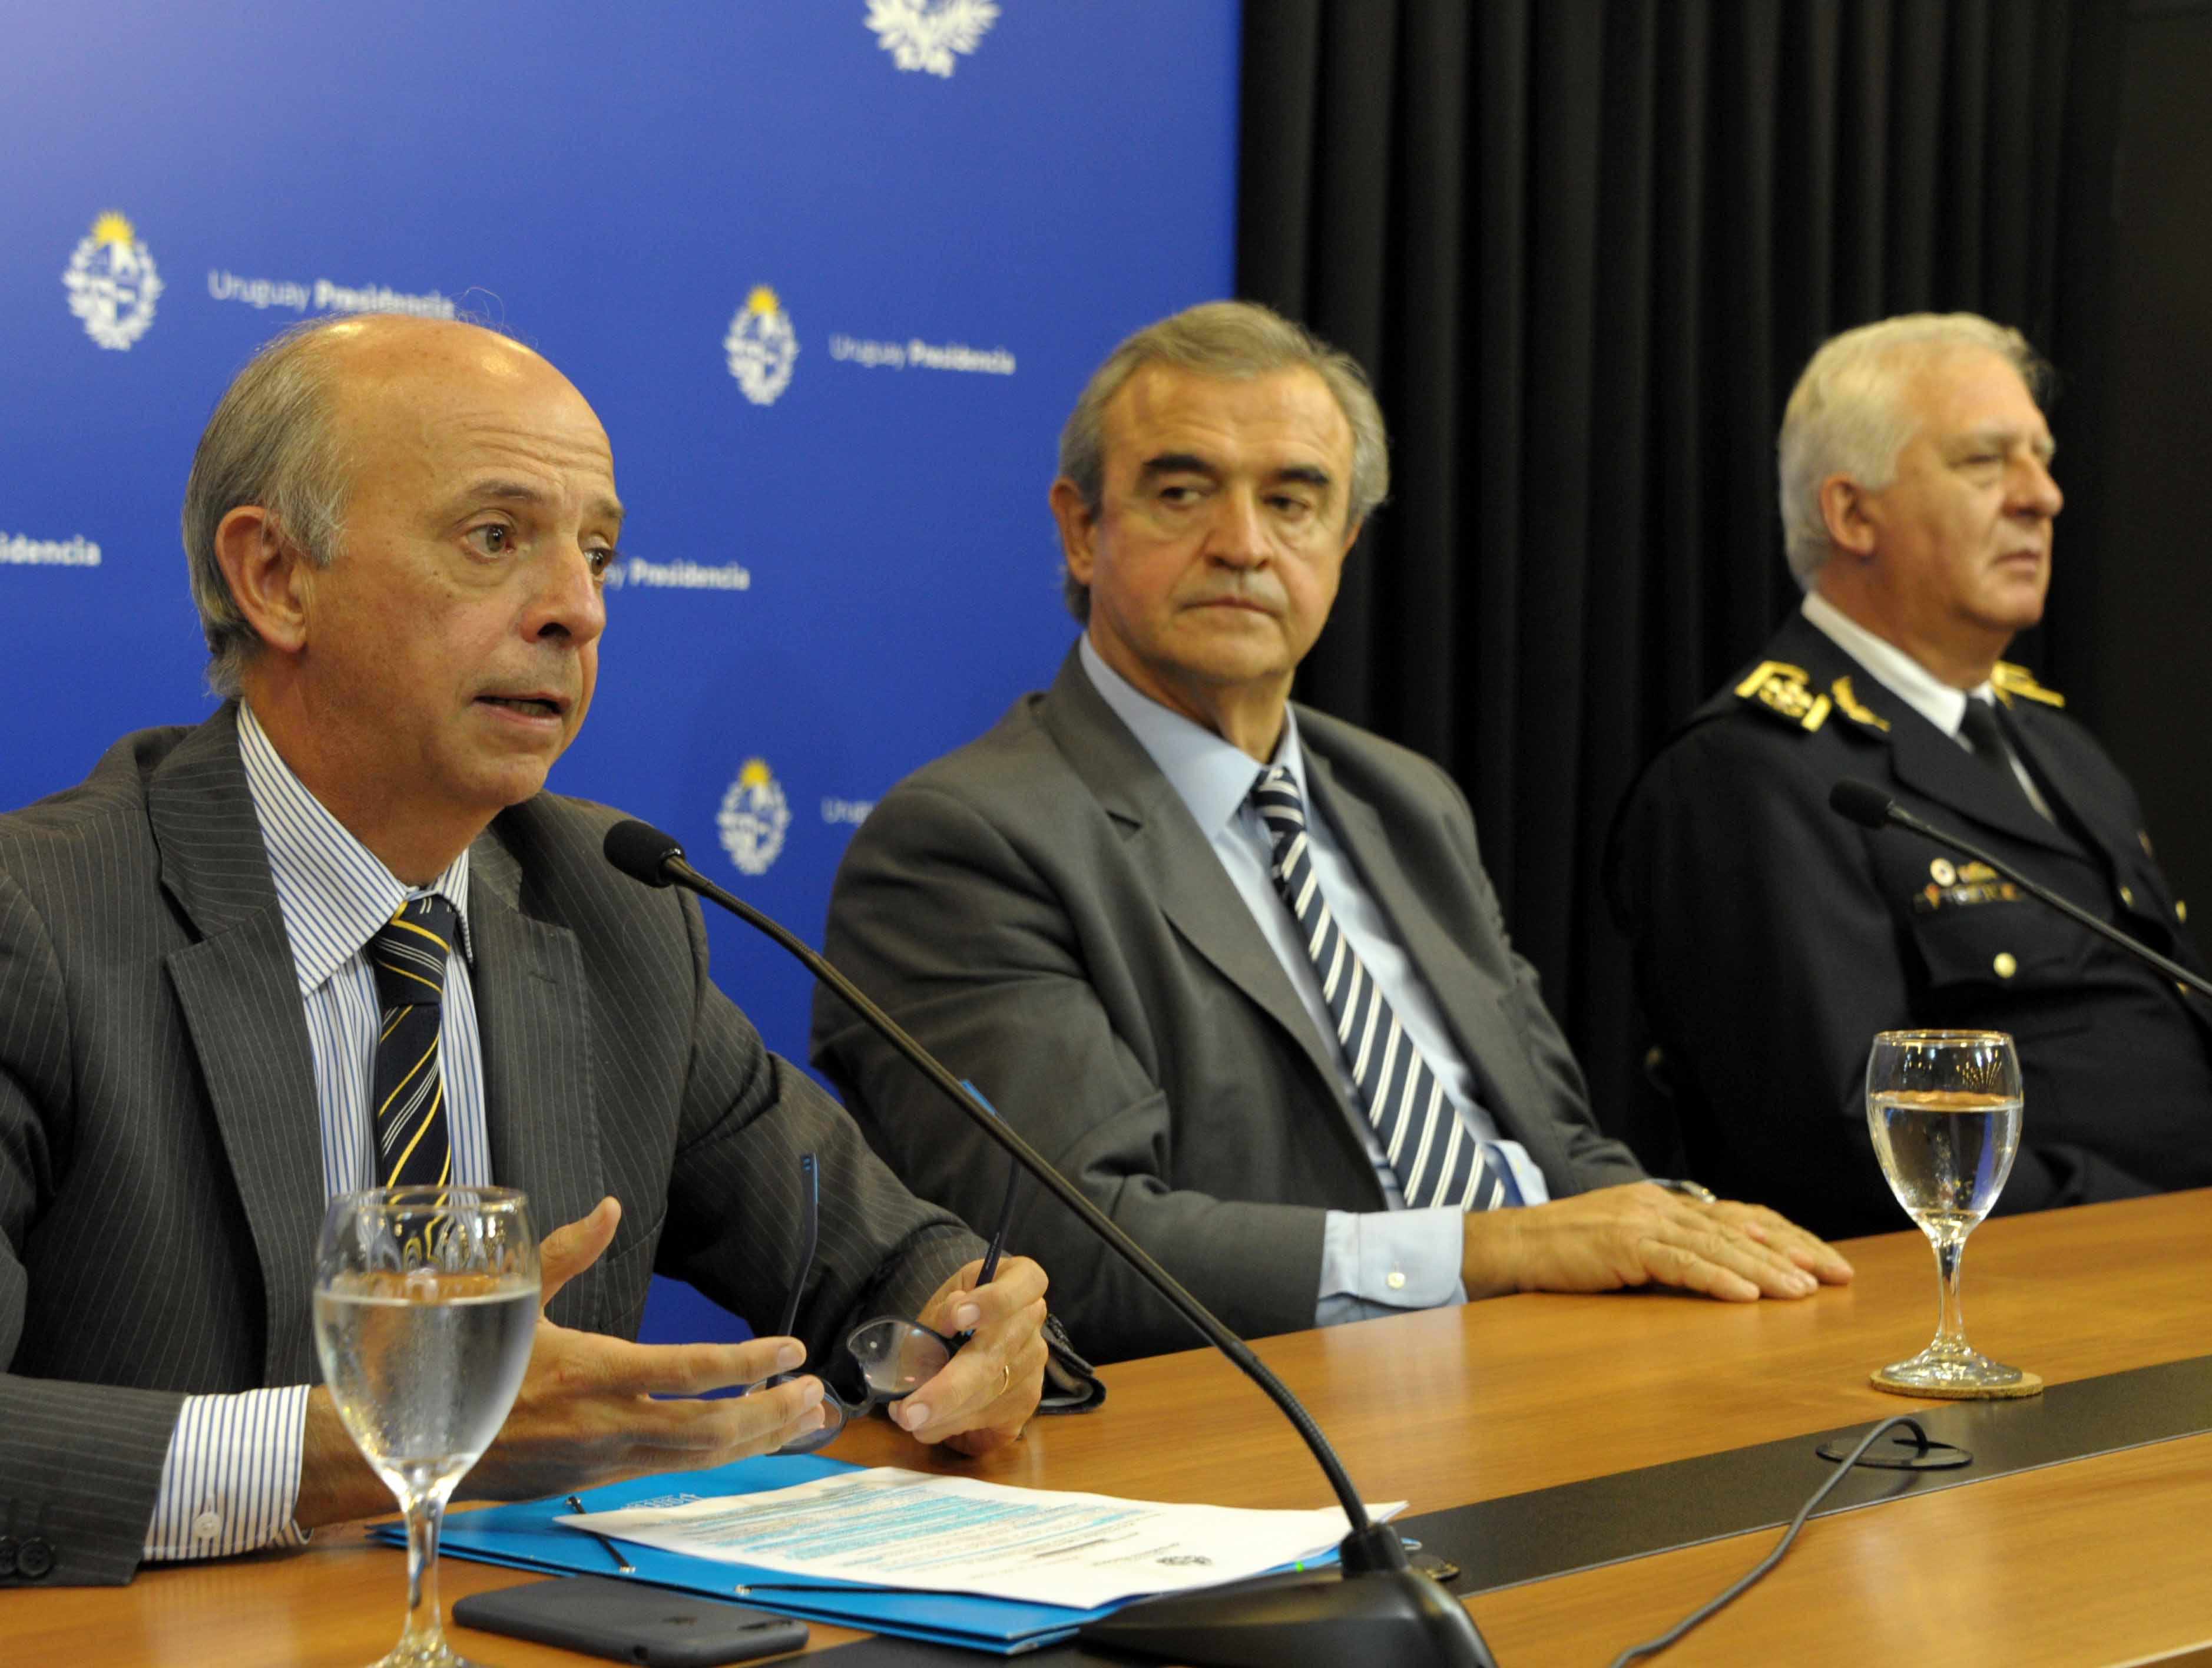 Ministro de Defensa Nacional, Javier García, haciendo uso de la palabra